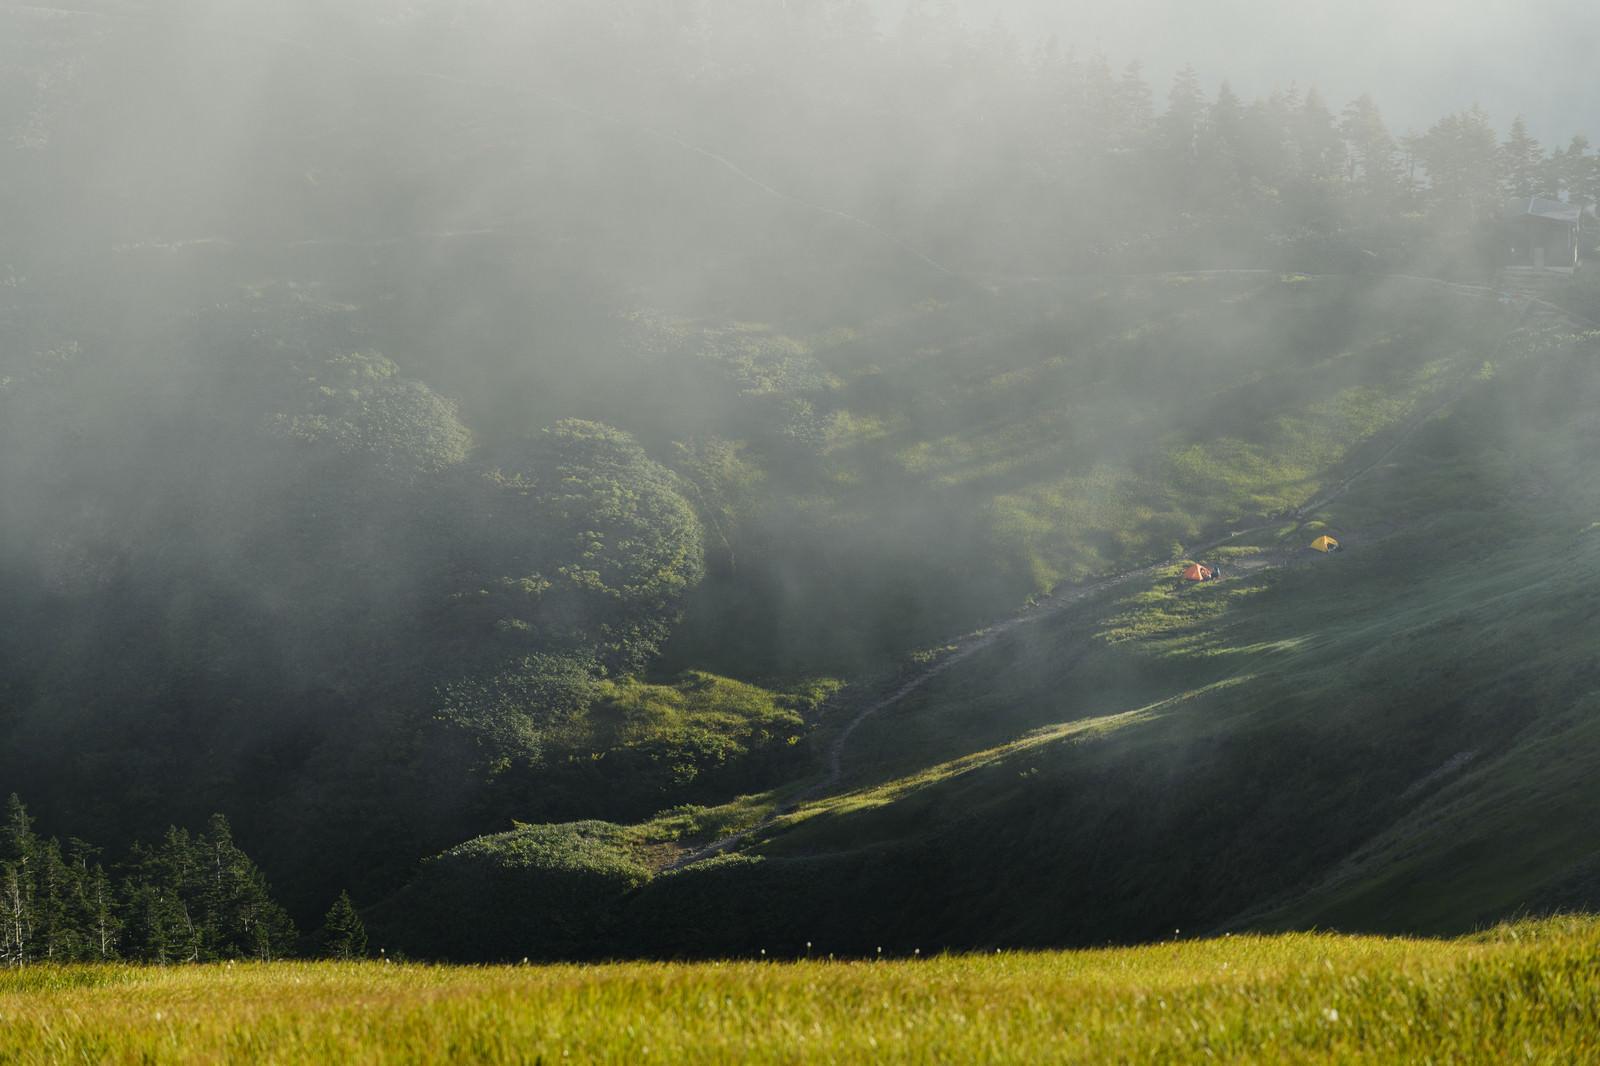 「夕日に照らされるテントと輝く草紅葉(巻機山)」の写真